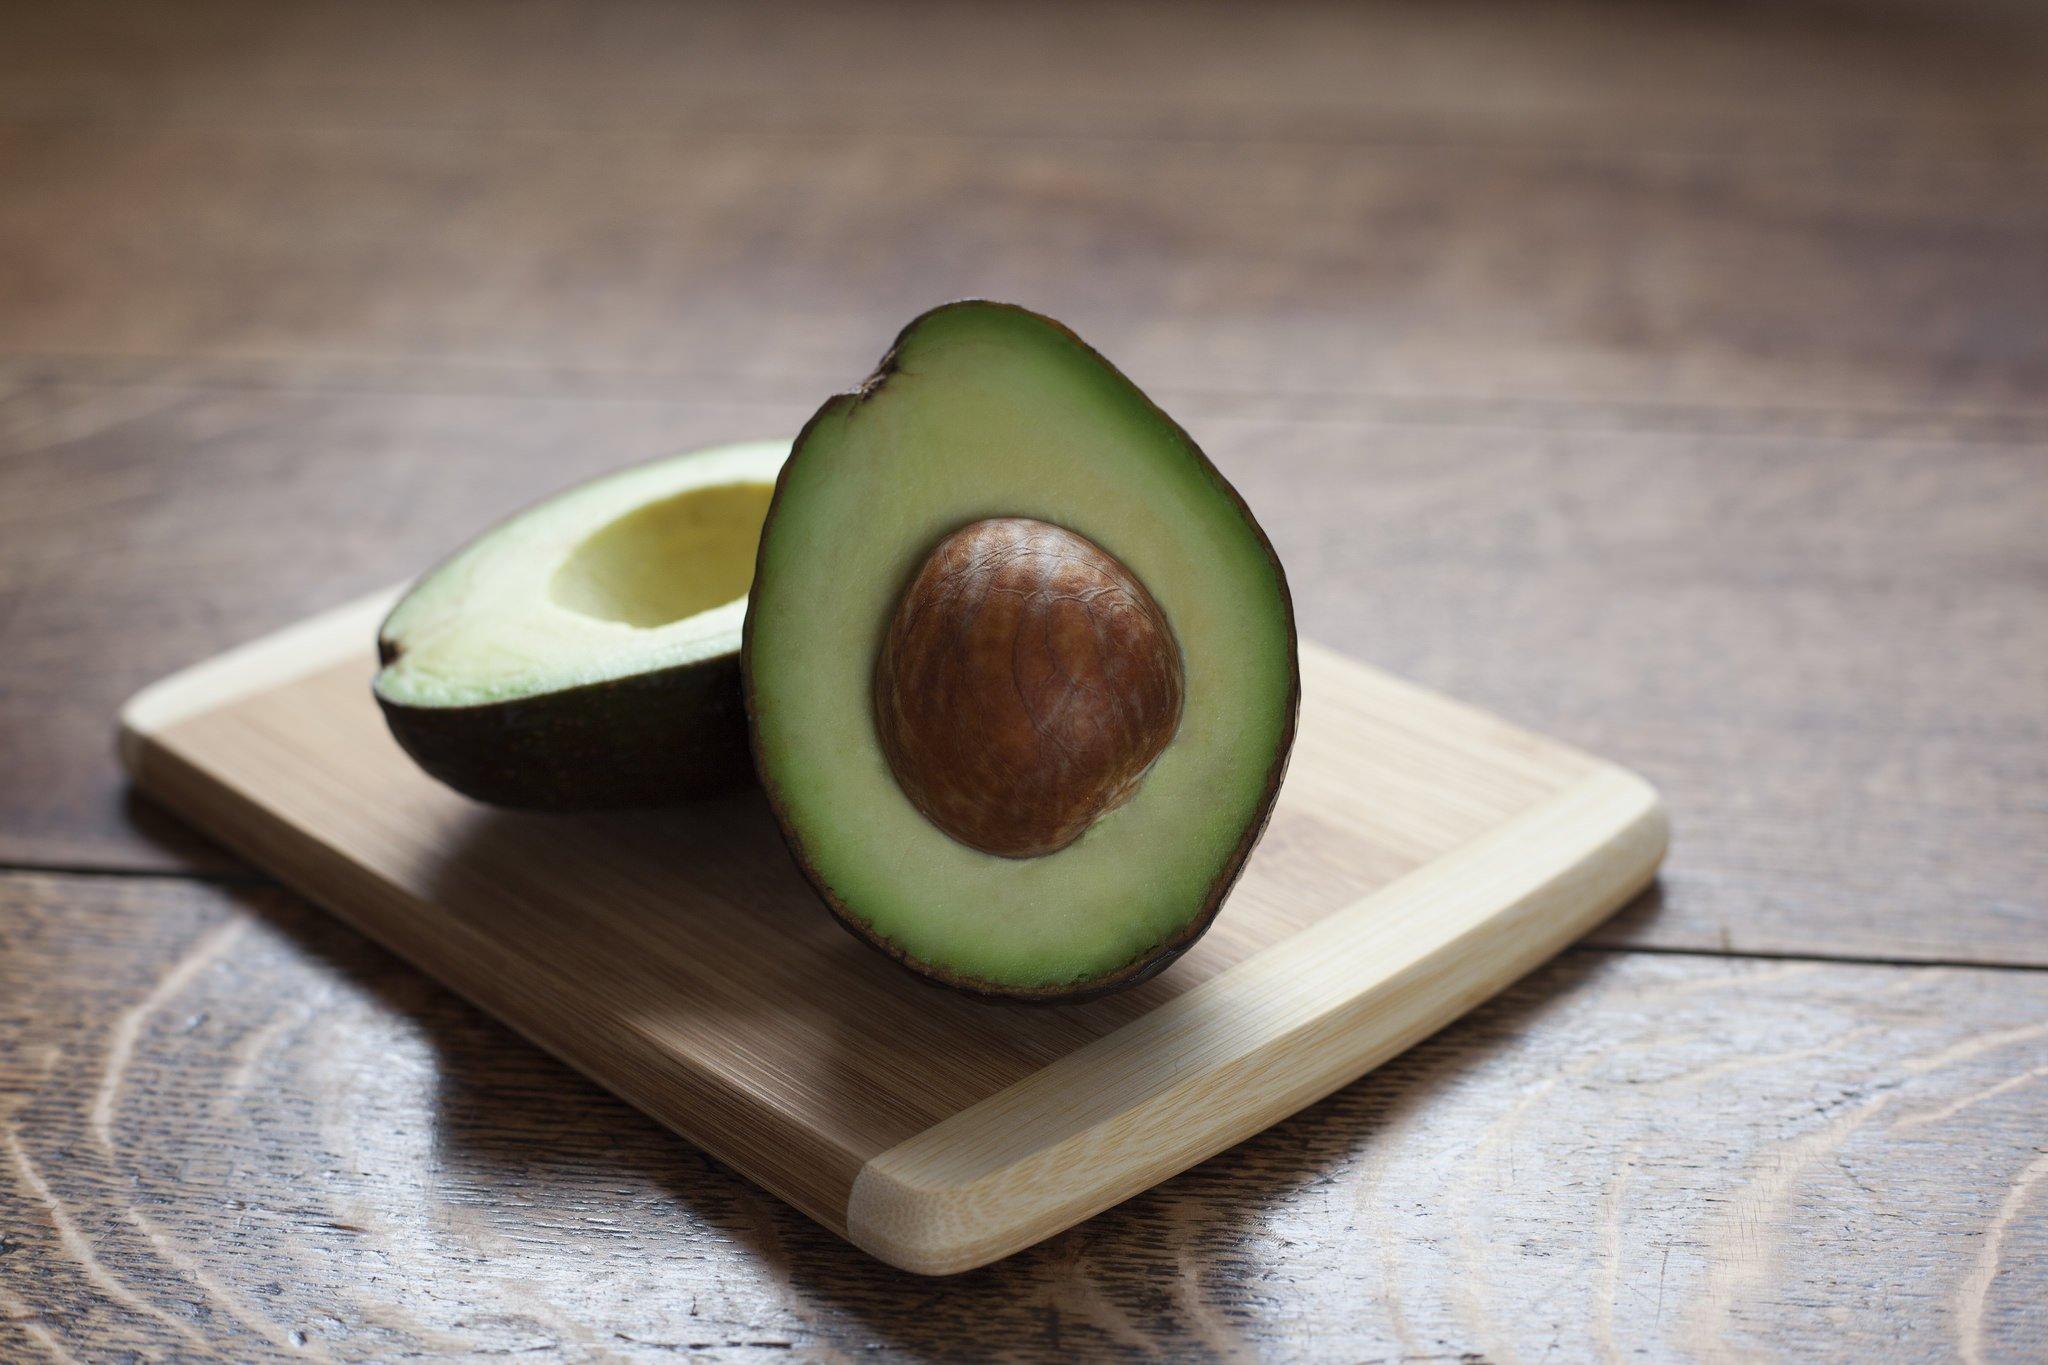 29215779510 6fe096ab24 z 1.jpg?resize=412,275 - 9 motivos sensacionais para você começar a comer abacate